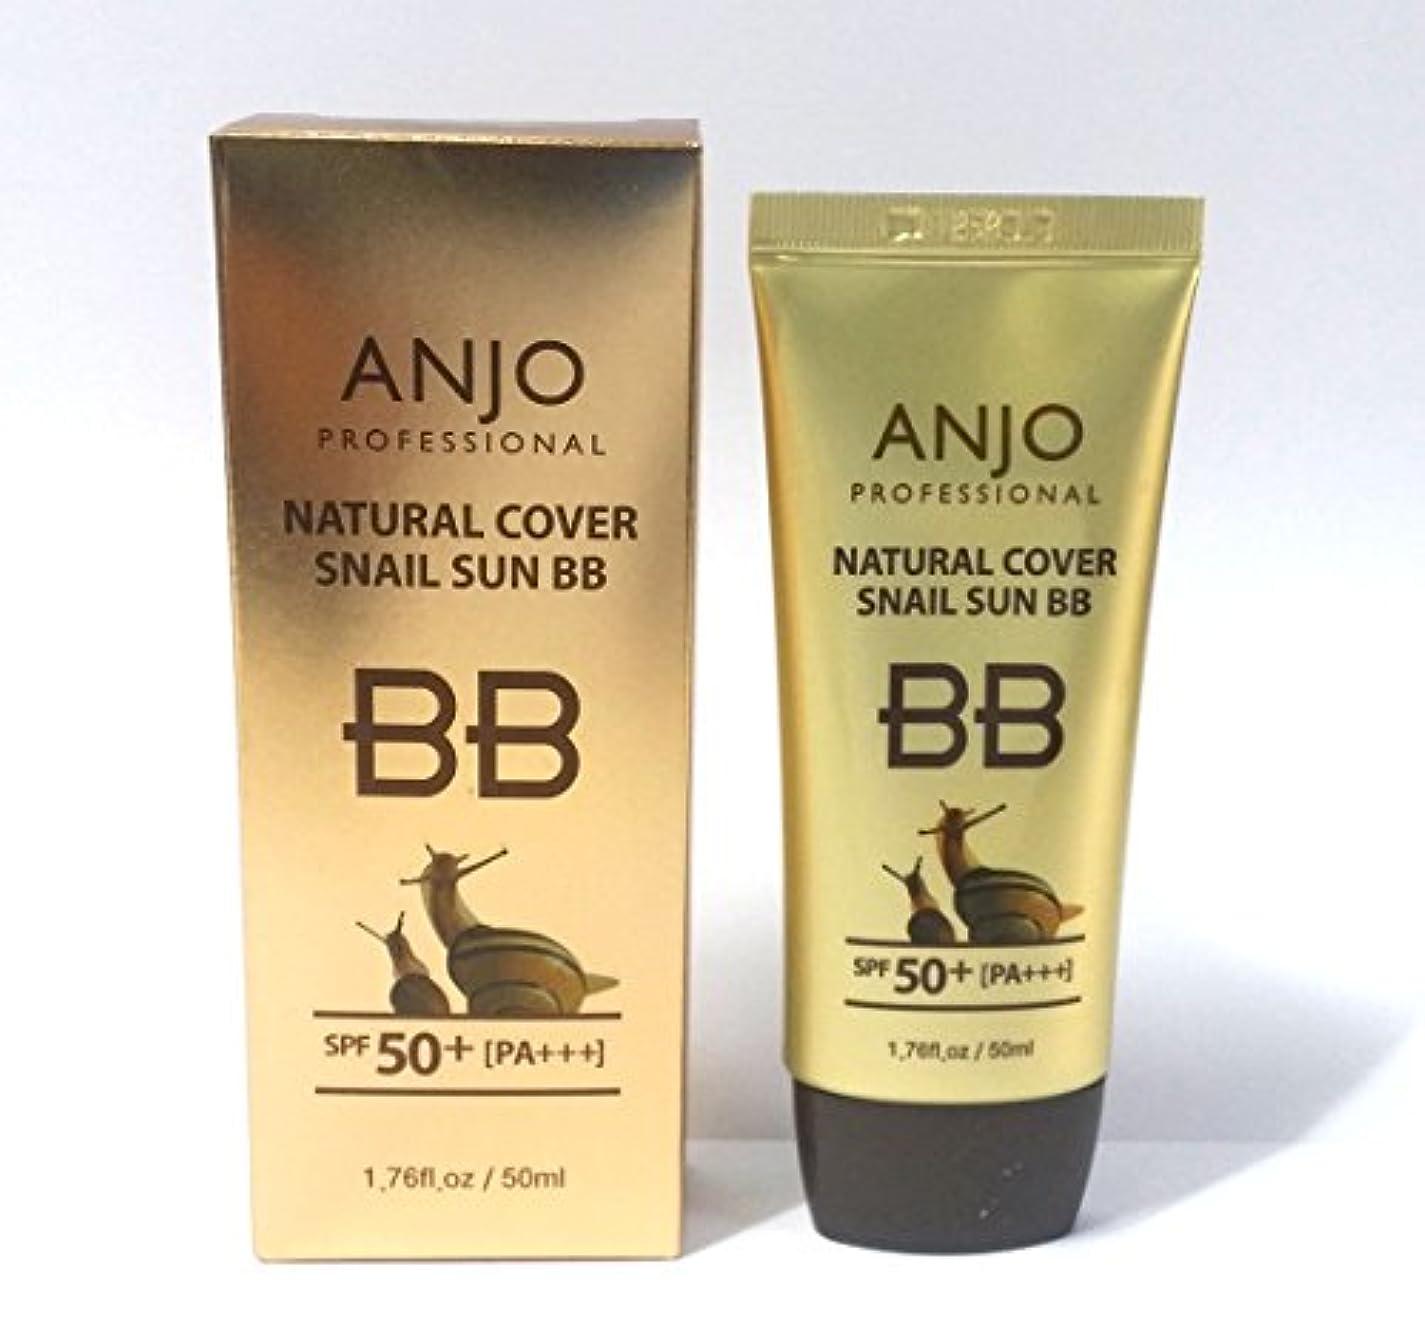 カレッジインセンティブ勉強する[ANJO] ナチュラルカバーカタツムリサンBBクリームSPF 50 + PA +++ 50ml X 6EA /メイクアップベース/カタツムリ粘液 / Natural Cover Snail Sun BB Cream SPF...